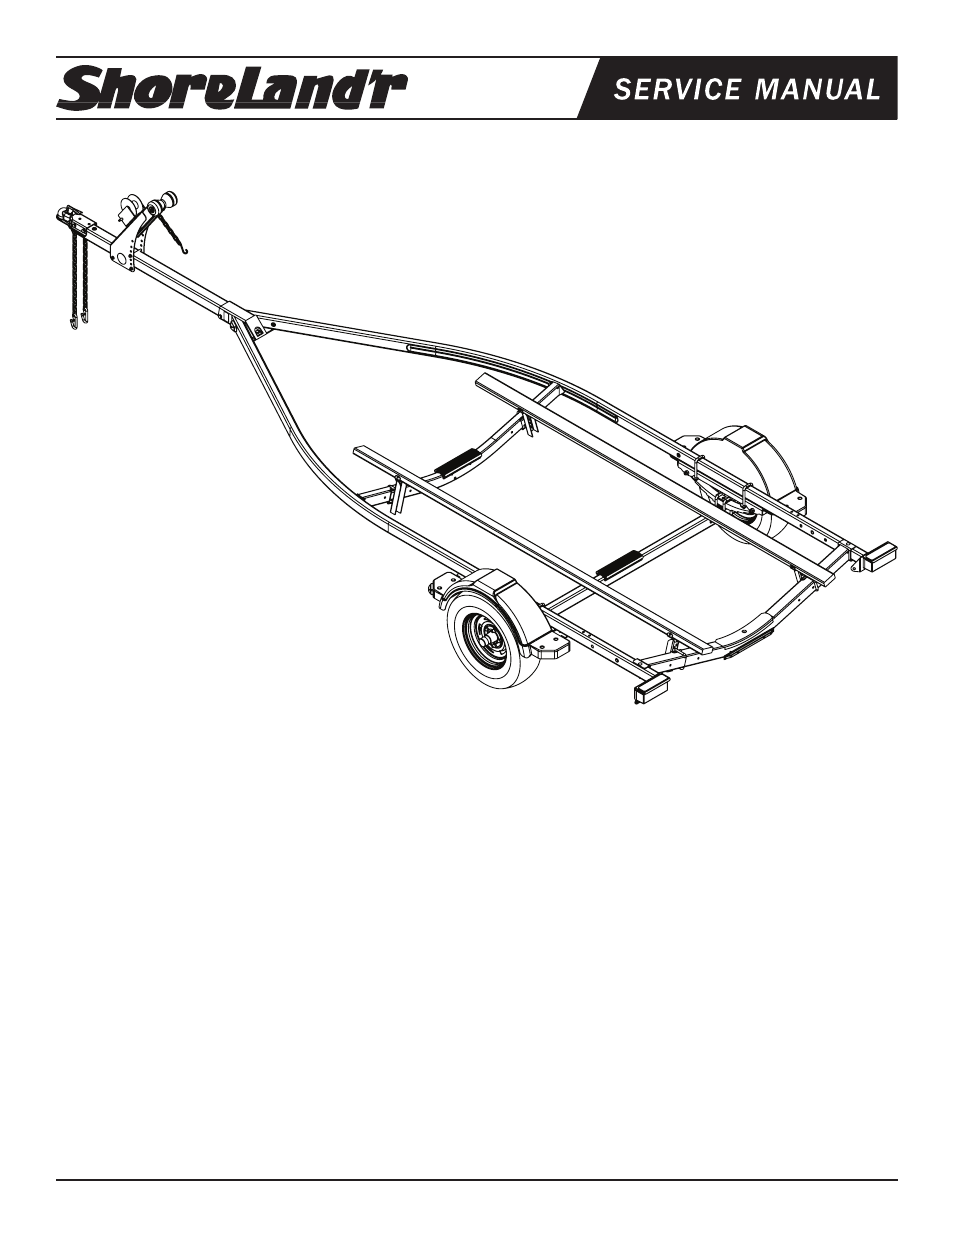 Shorelandr Slv22l V1 User Manual 10 Pages Shorelander Trailer Wiring Harness Background Image